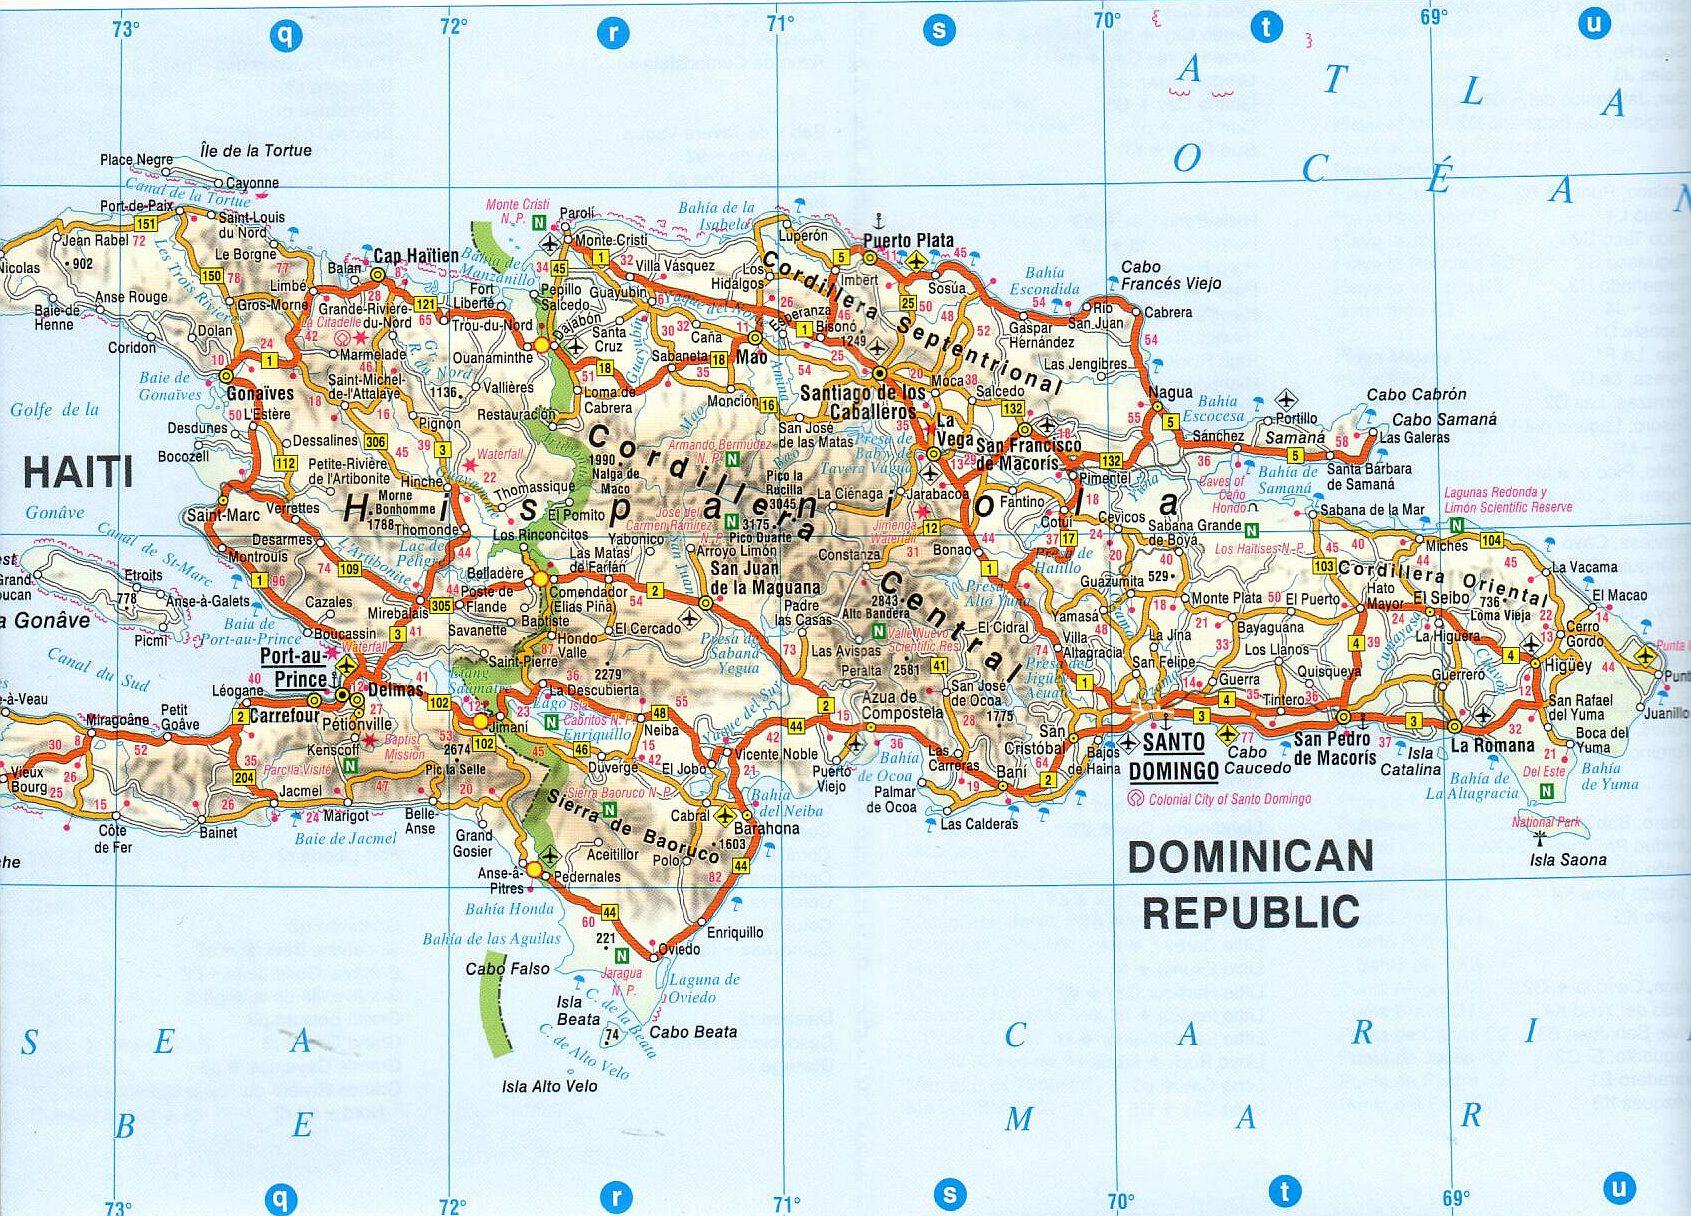 Hispaniola sziget 1:2.500.000 mintakivágat